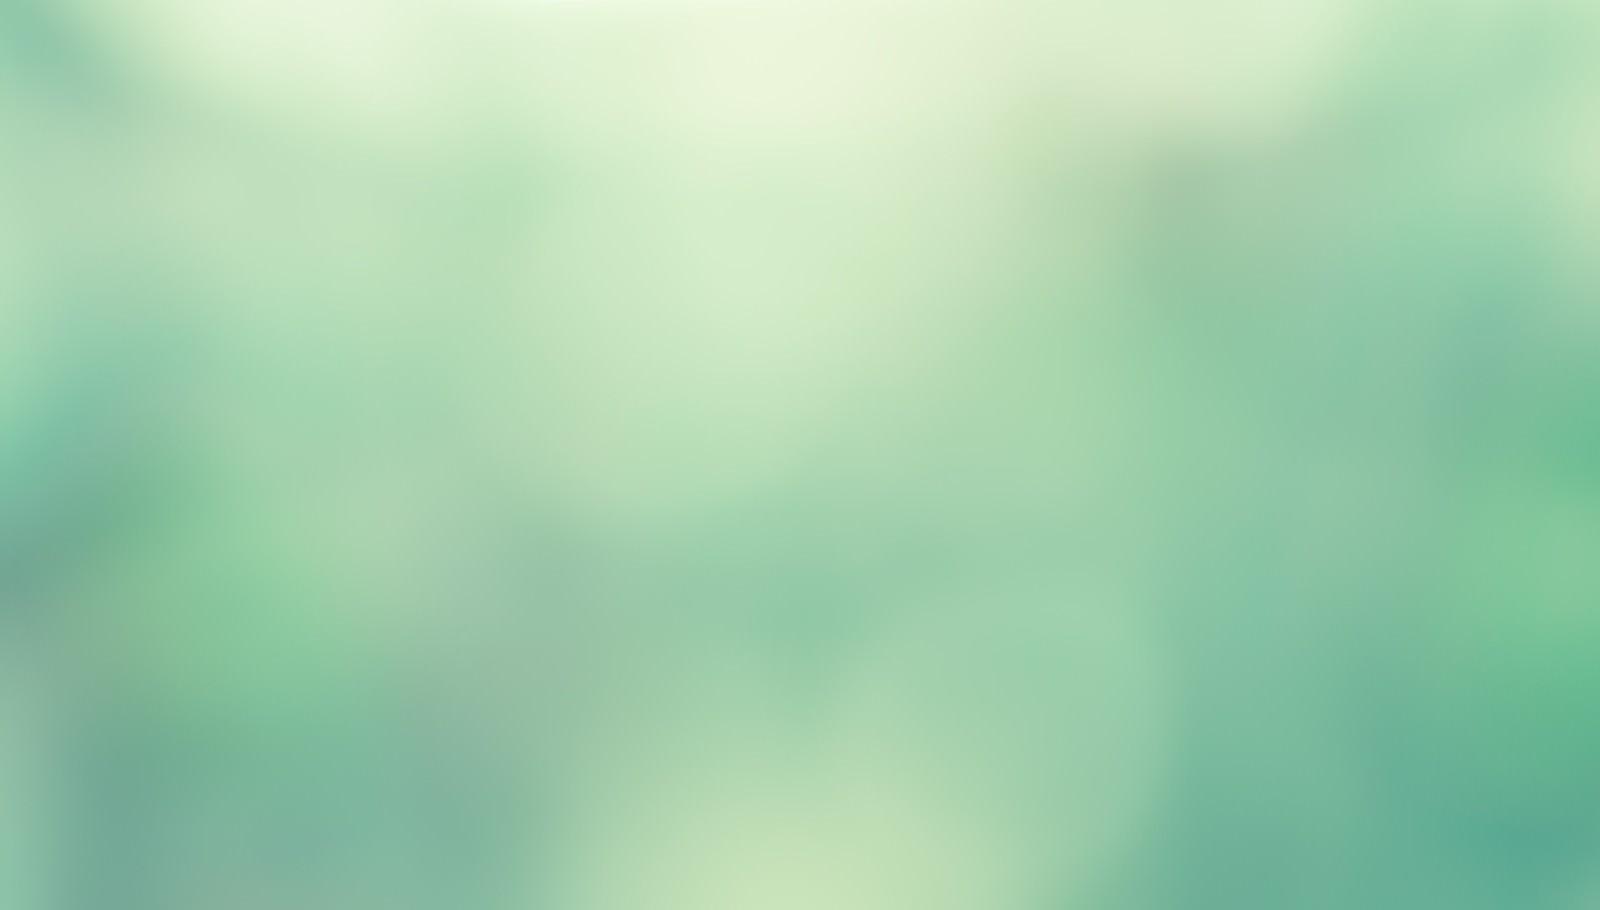 「緑色の光」の写真